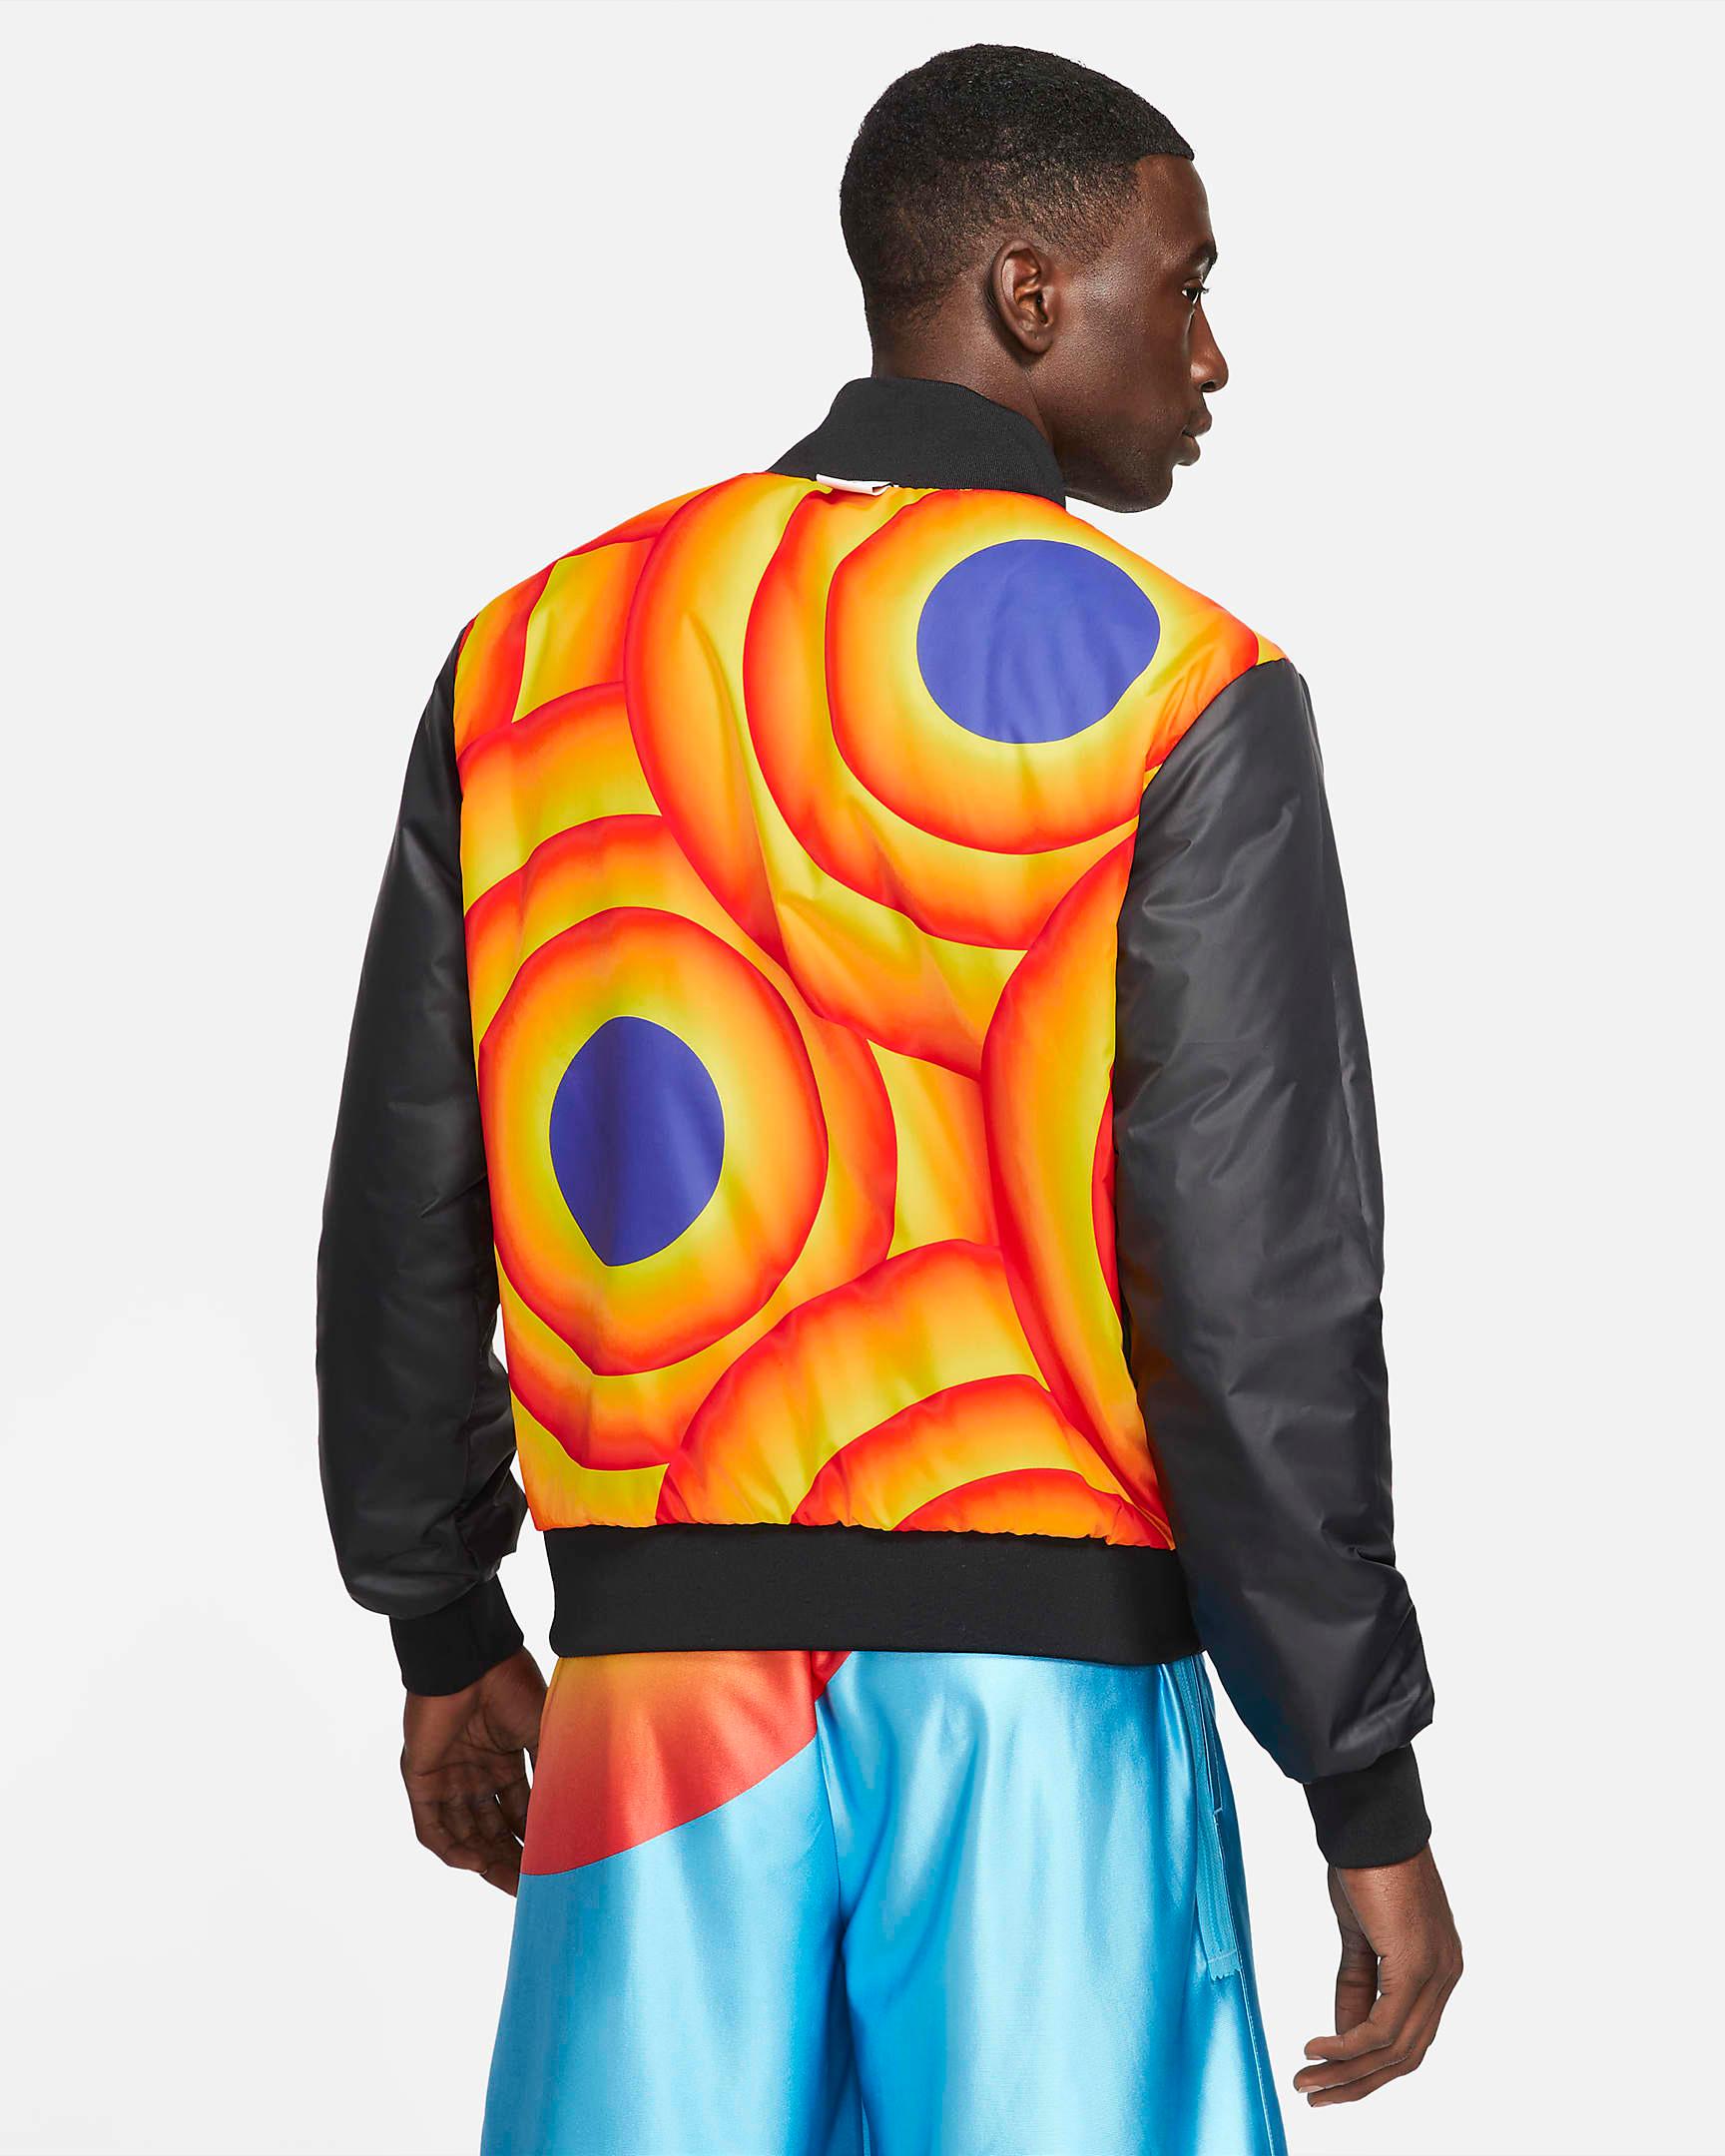 nike-lebron-space-jam-tune-squad-jacket-7